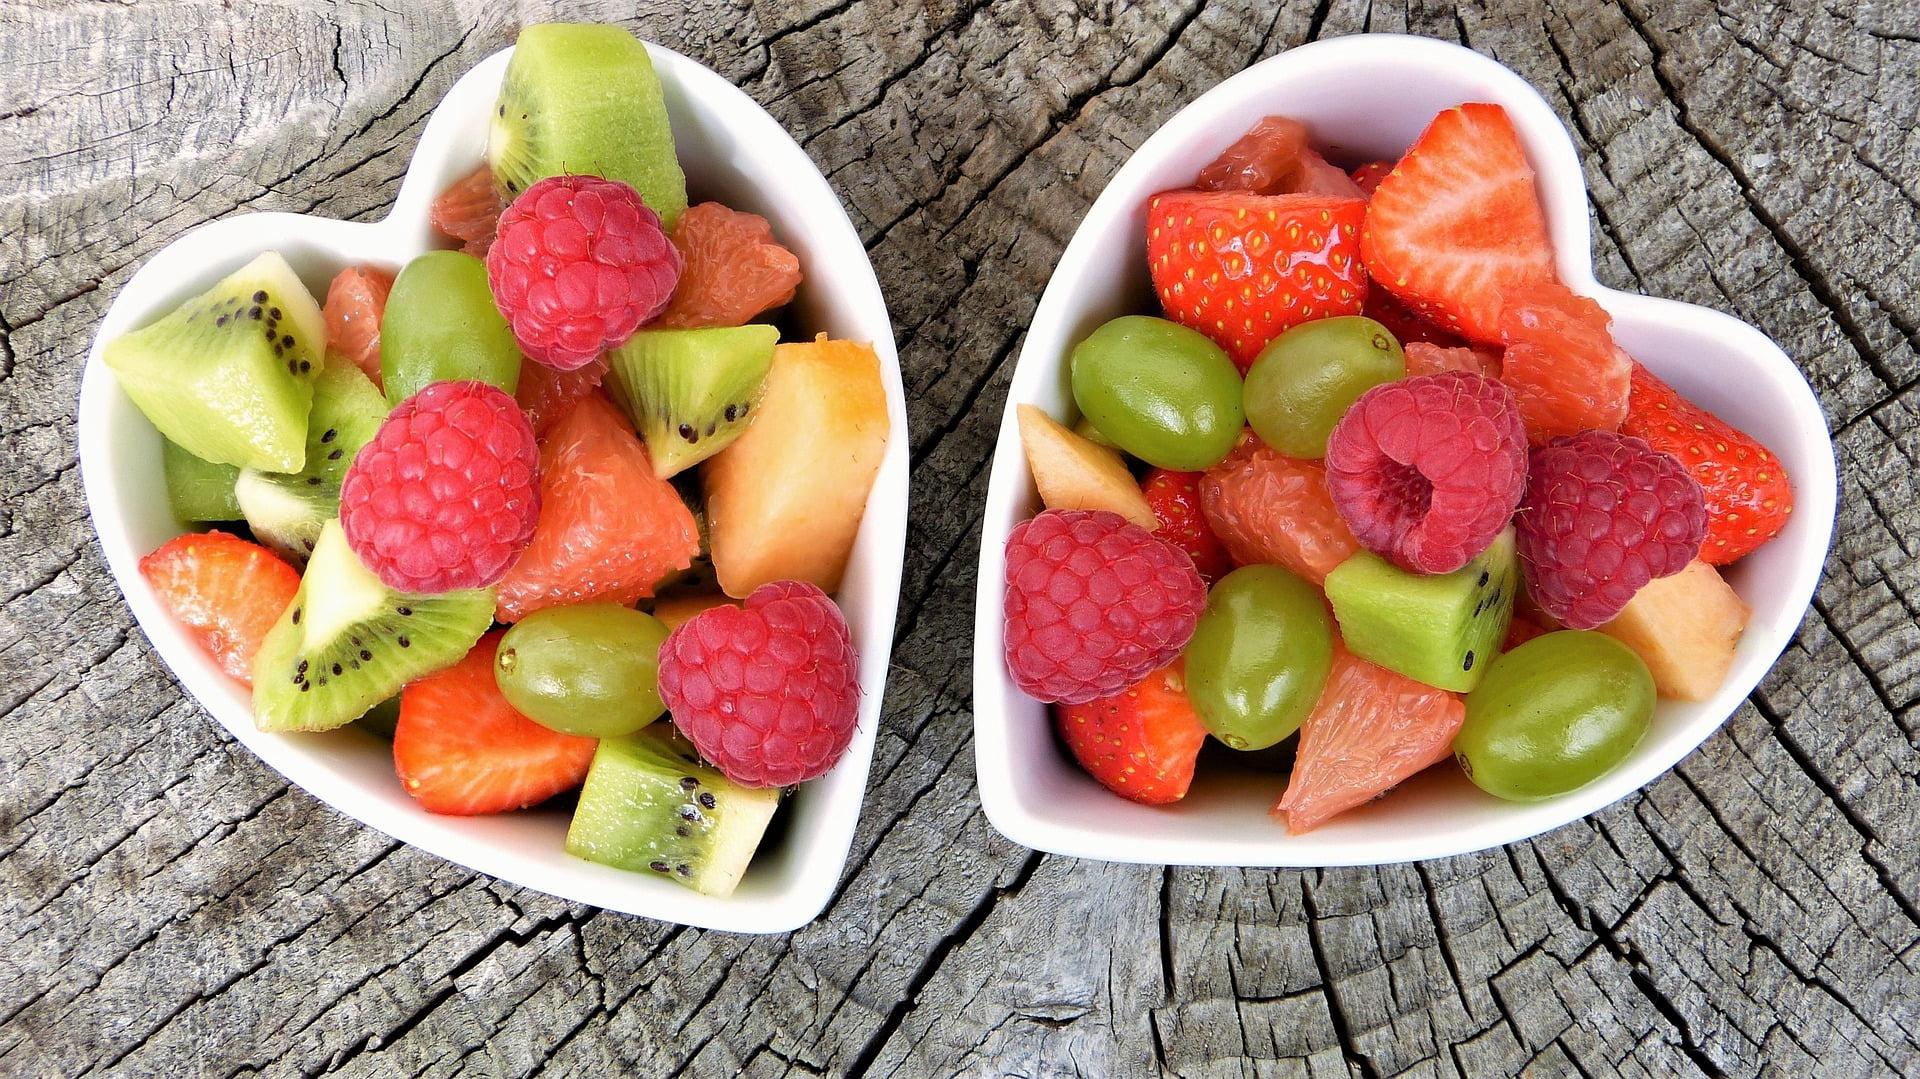 Repas équilibré - alimentation saine